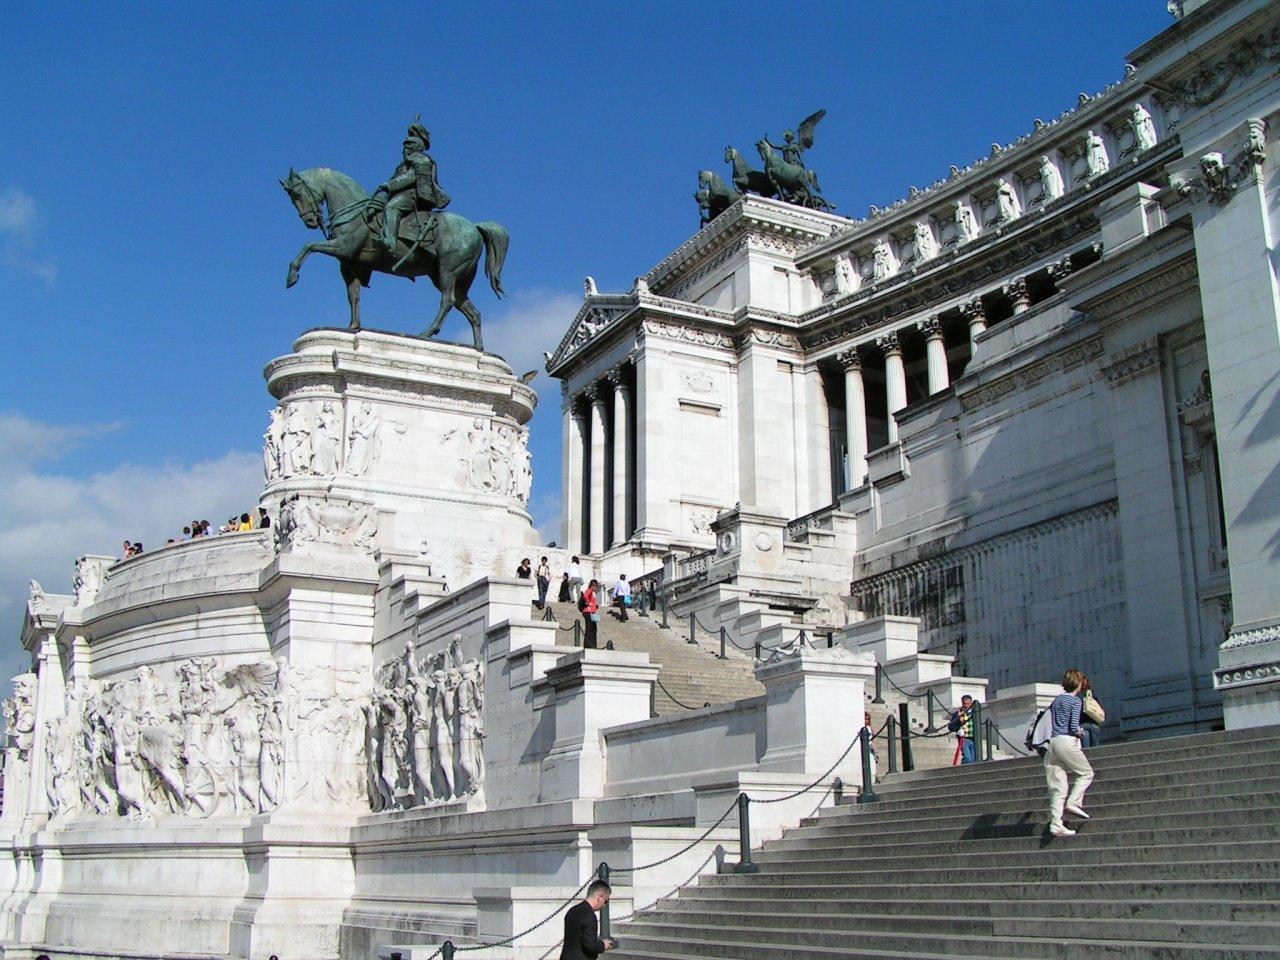 Victor Emmanuel II Monument, Altare della Patria, Rome attractions, Italy – 2